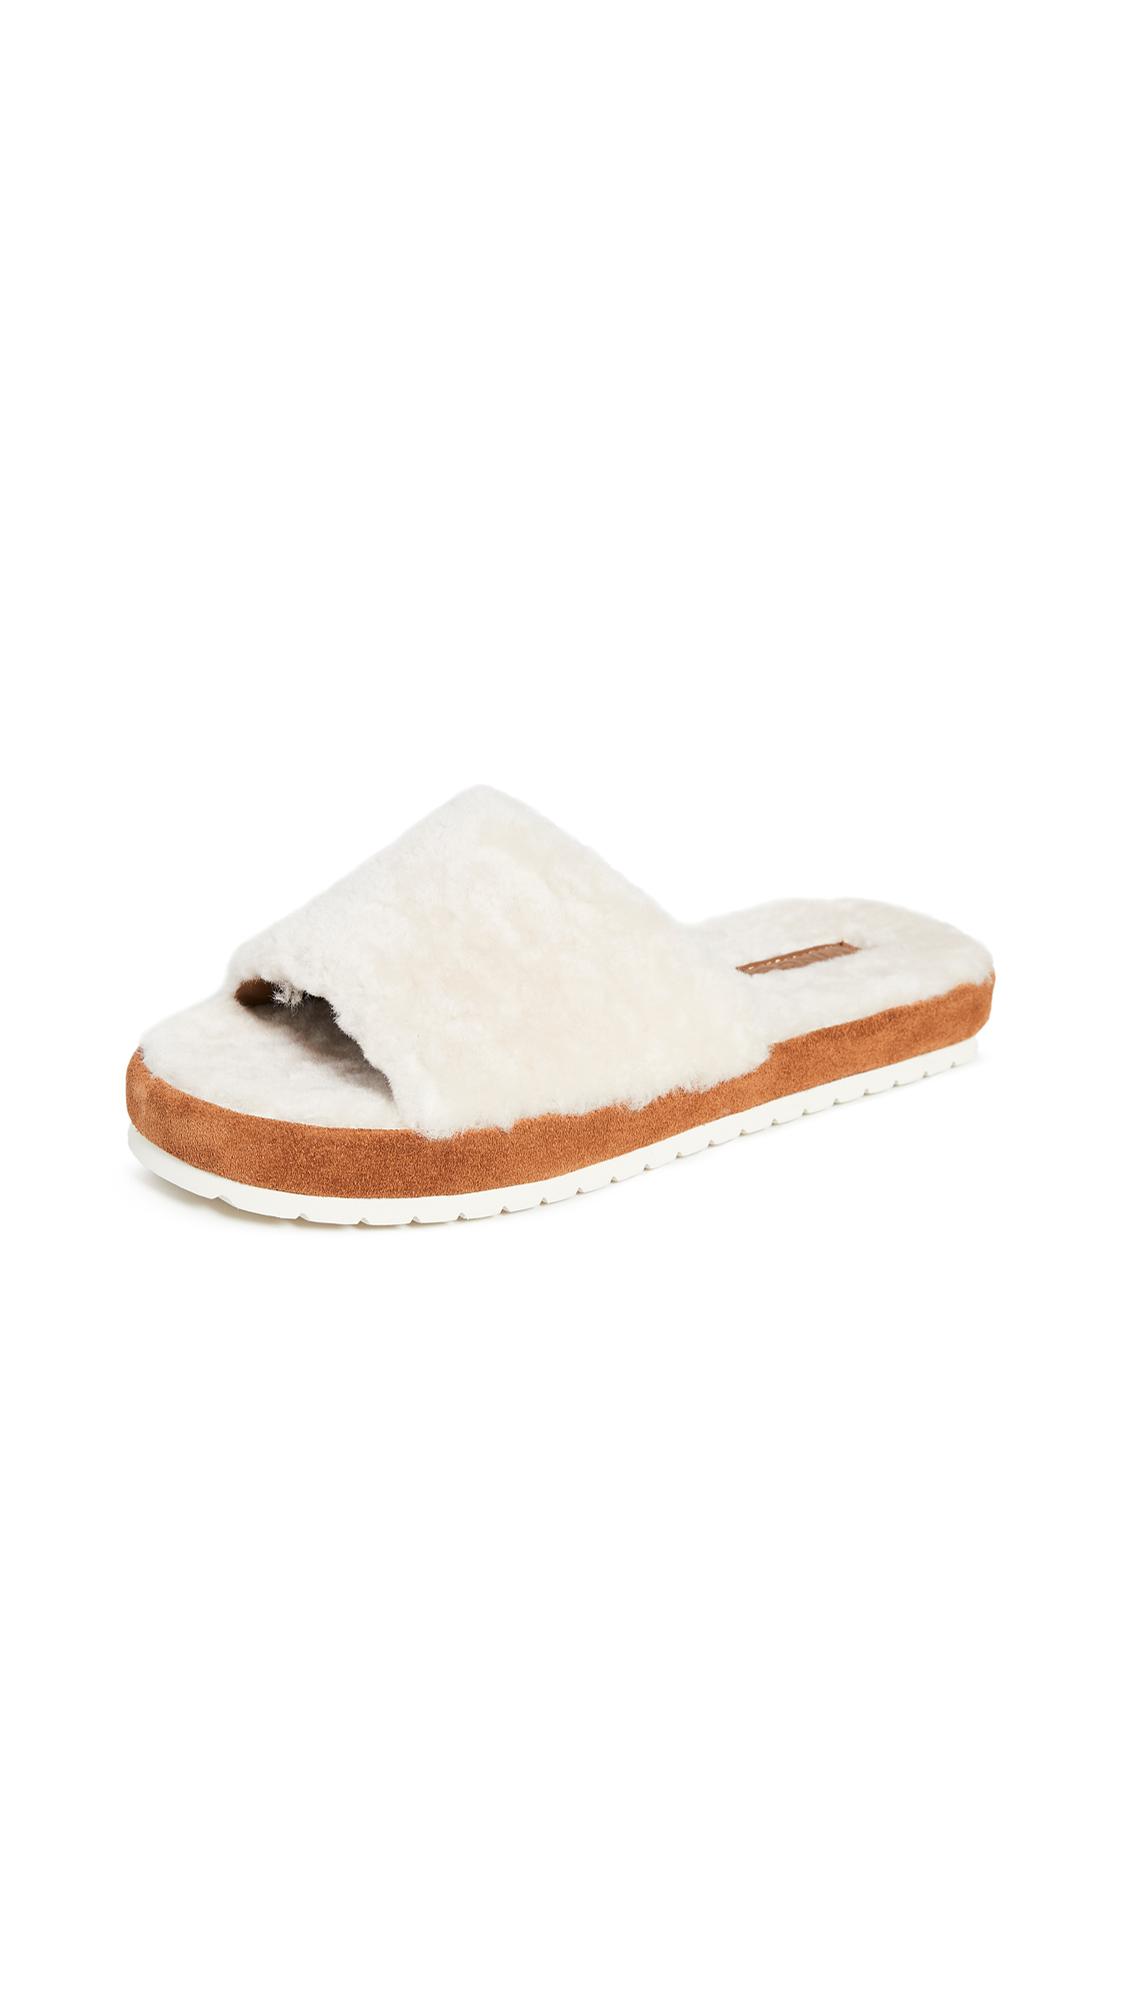 Vince Kalina Slipper Slide Sandals